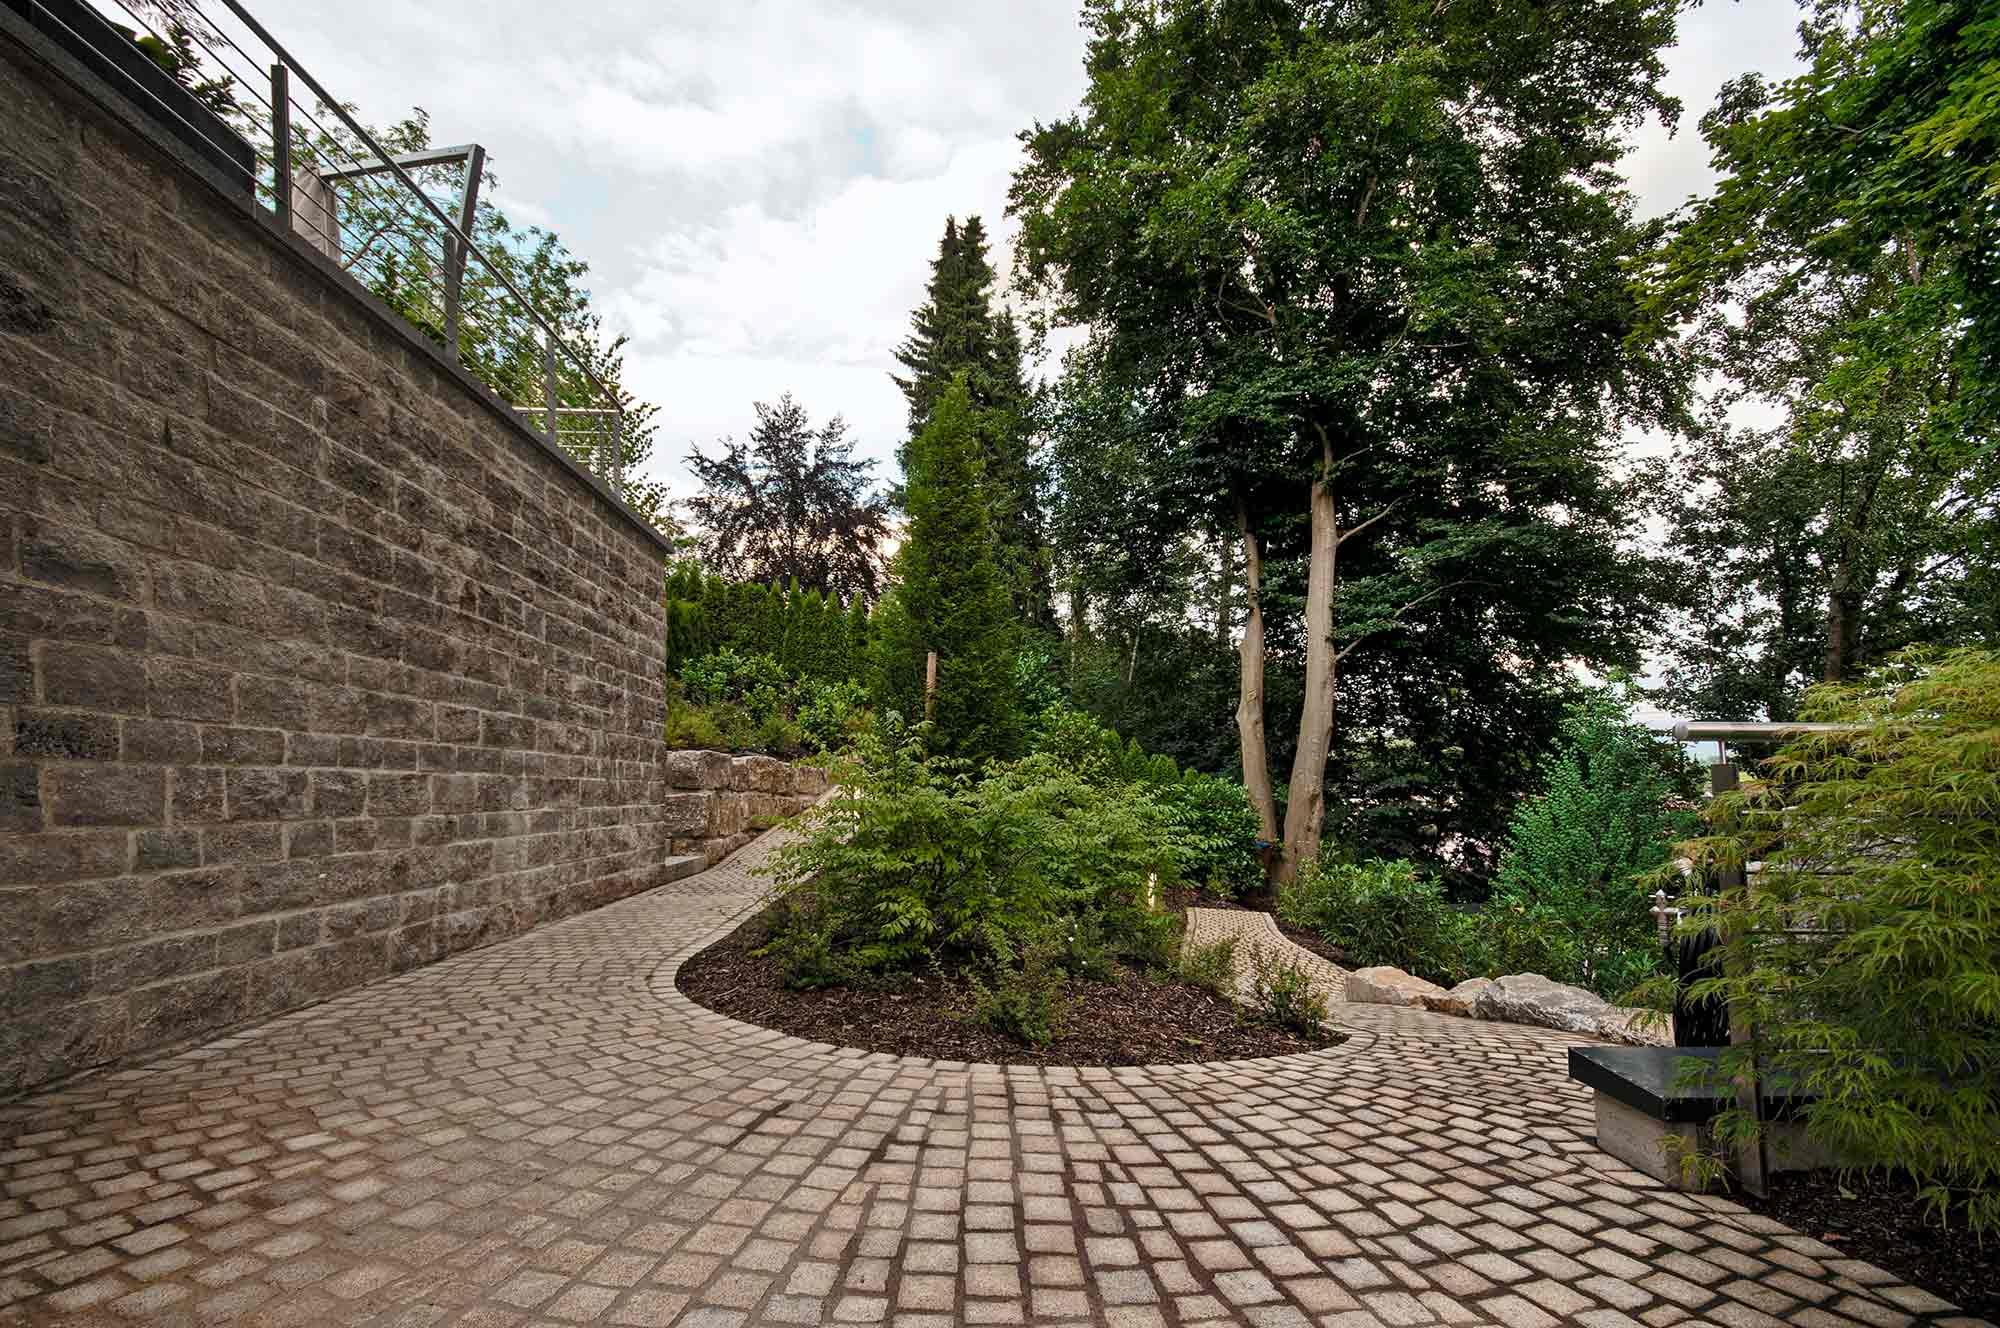 Ansprechende Steinmauer und gepflasterter Gartenweg